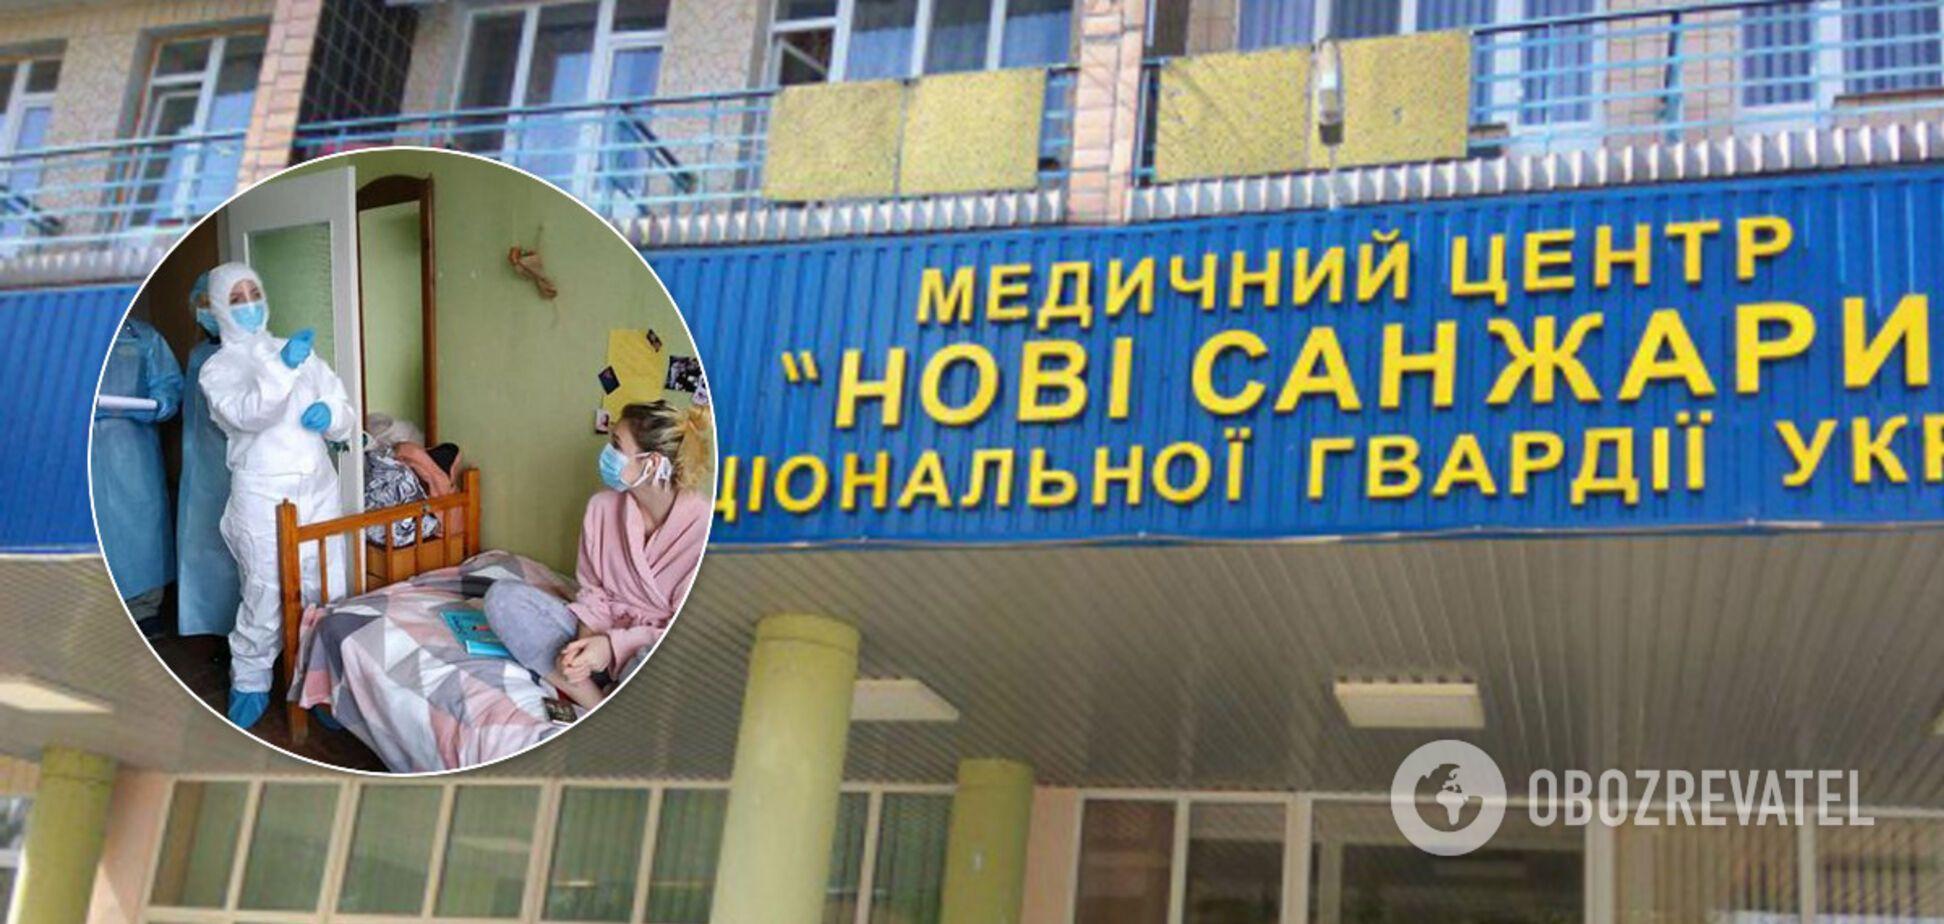 Половина здорові: в РНБО розповіли про тести на коронавірус в евакуйованих із Уханя